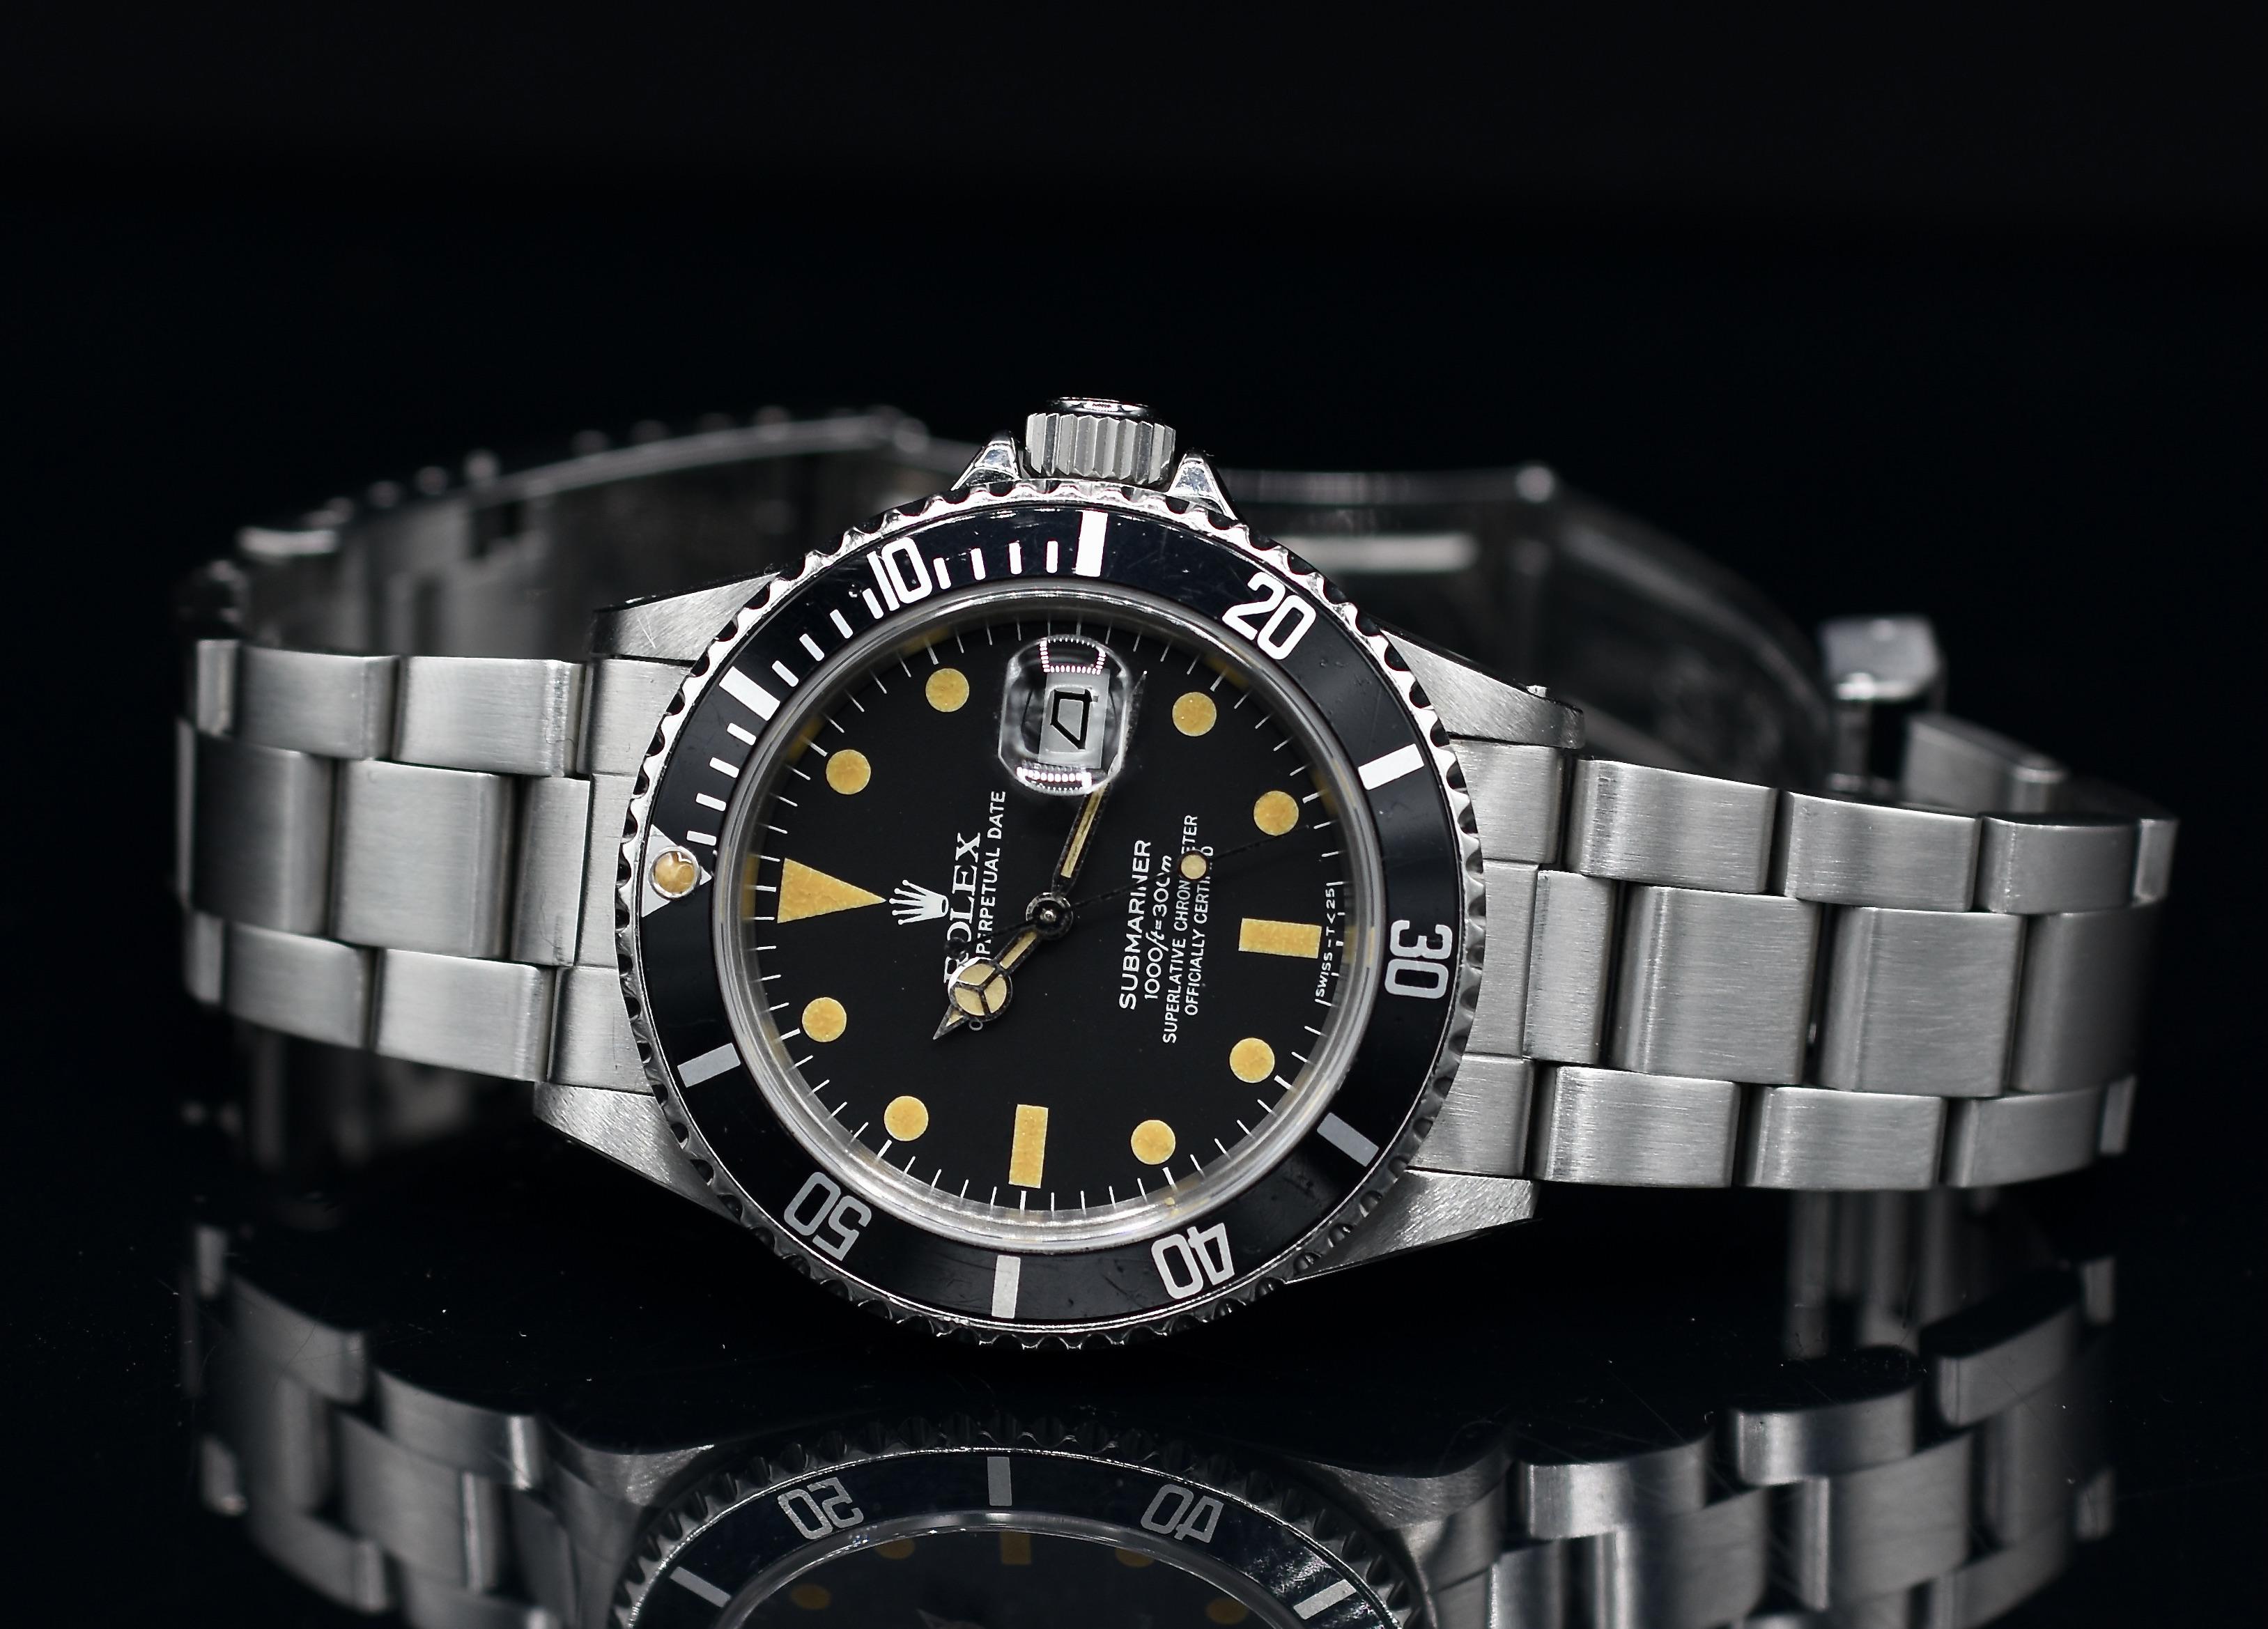 Une photo de face à l'horizontal d'une Rolex Submariner